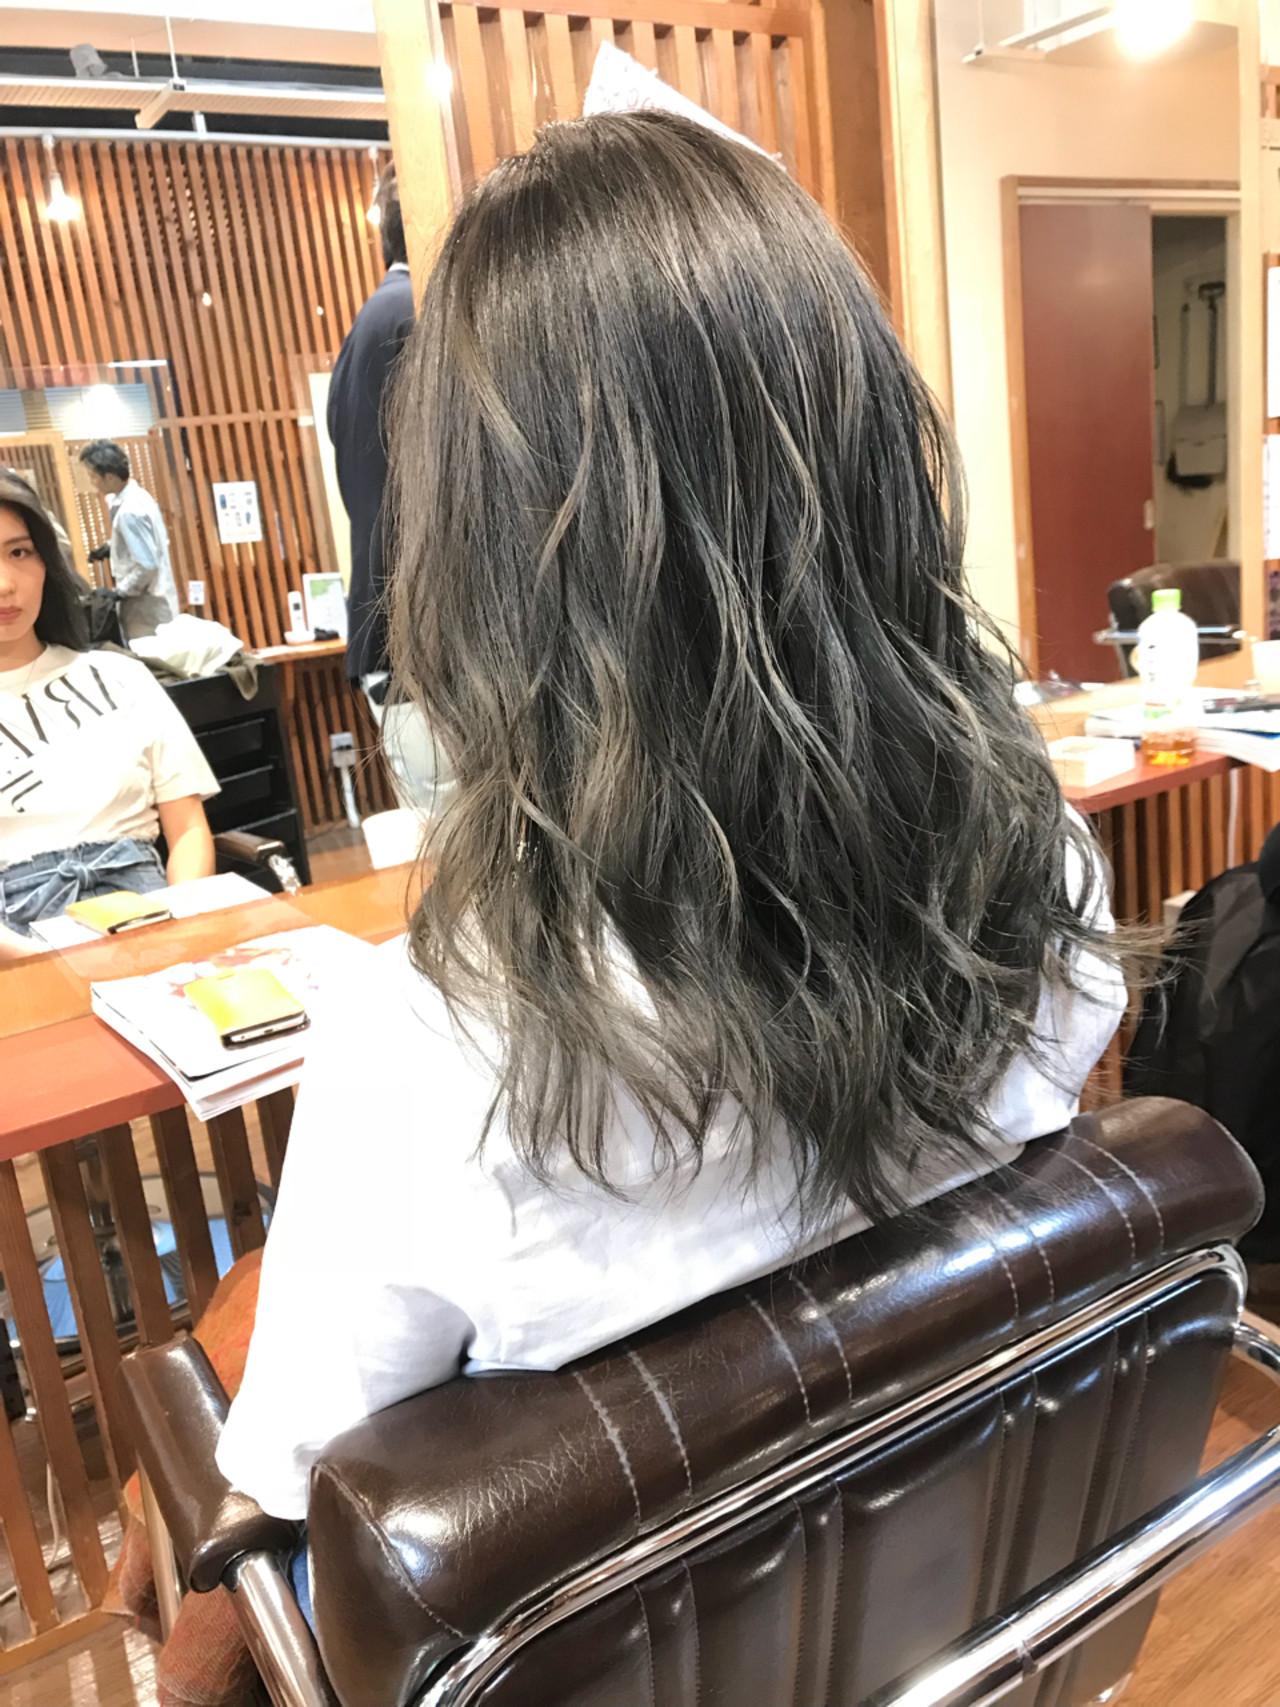 セミロング 上品 ハイライト バレイヤージュ ヘアスタイルや髪型の写真・画像